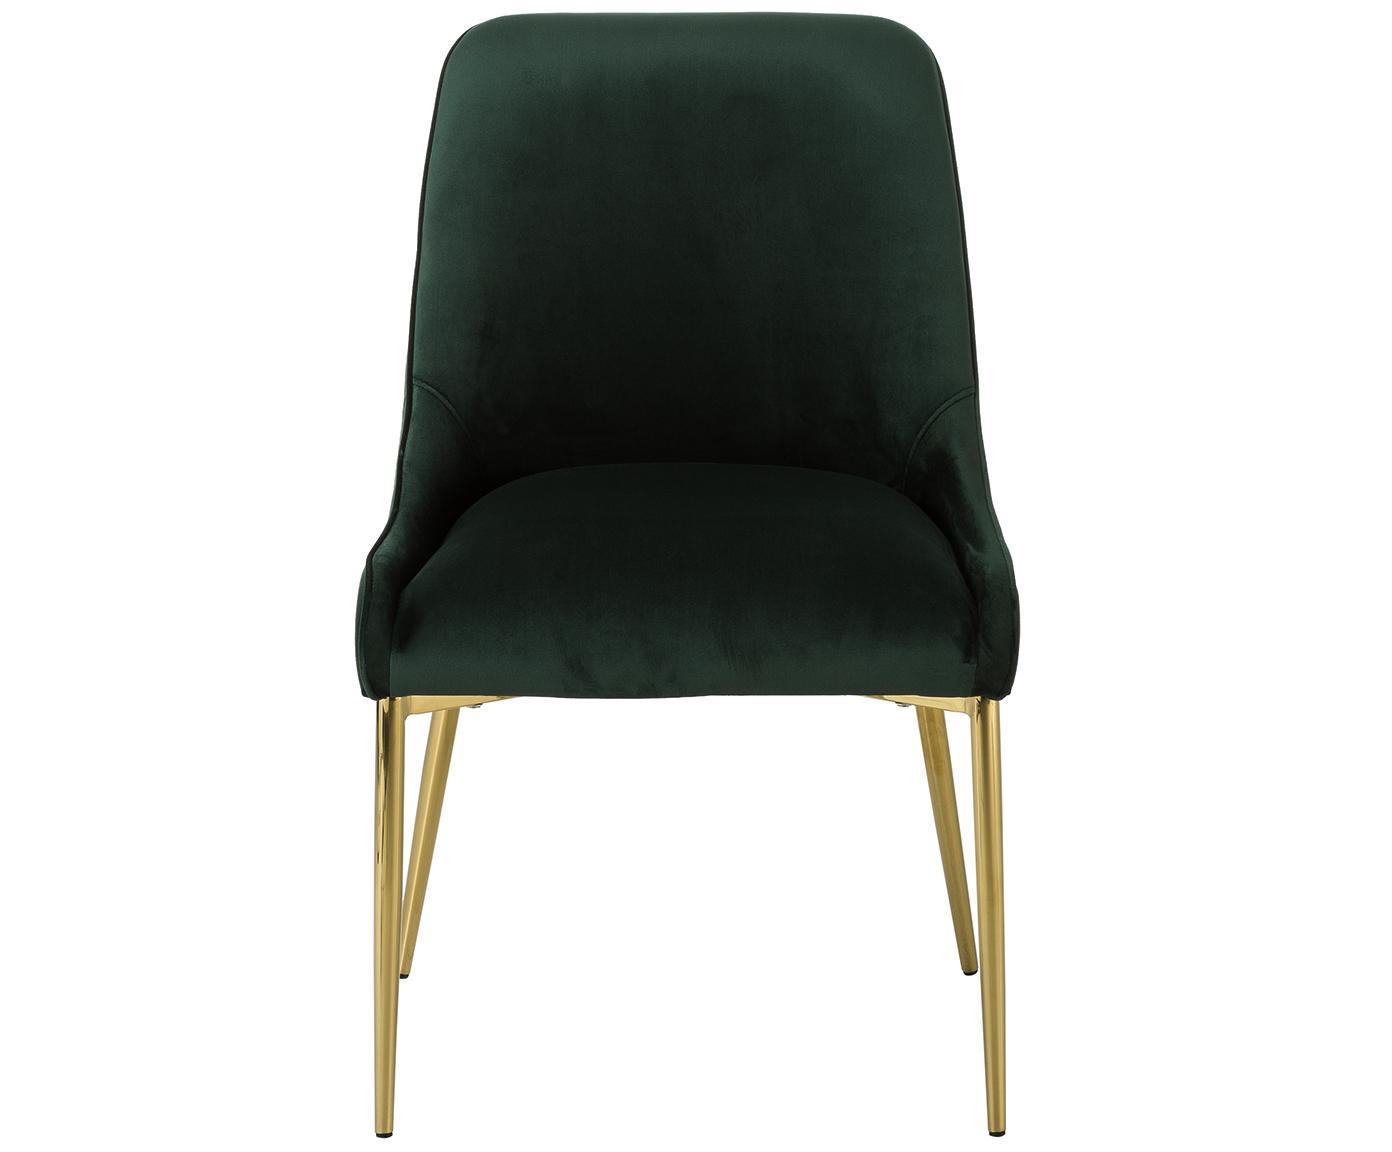 Krzesło tapicerowane z aksamitu Ava, Tapicerka: aksamit (100% poliester) , Nogi: metal galwanizowany, Aksamitny ciemny zielony, S 55 x G 60 cm